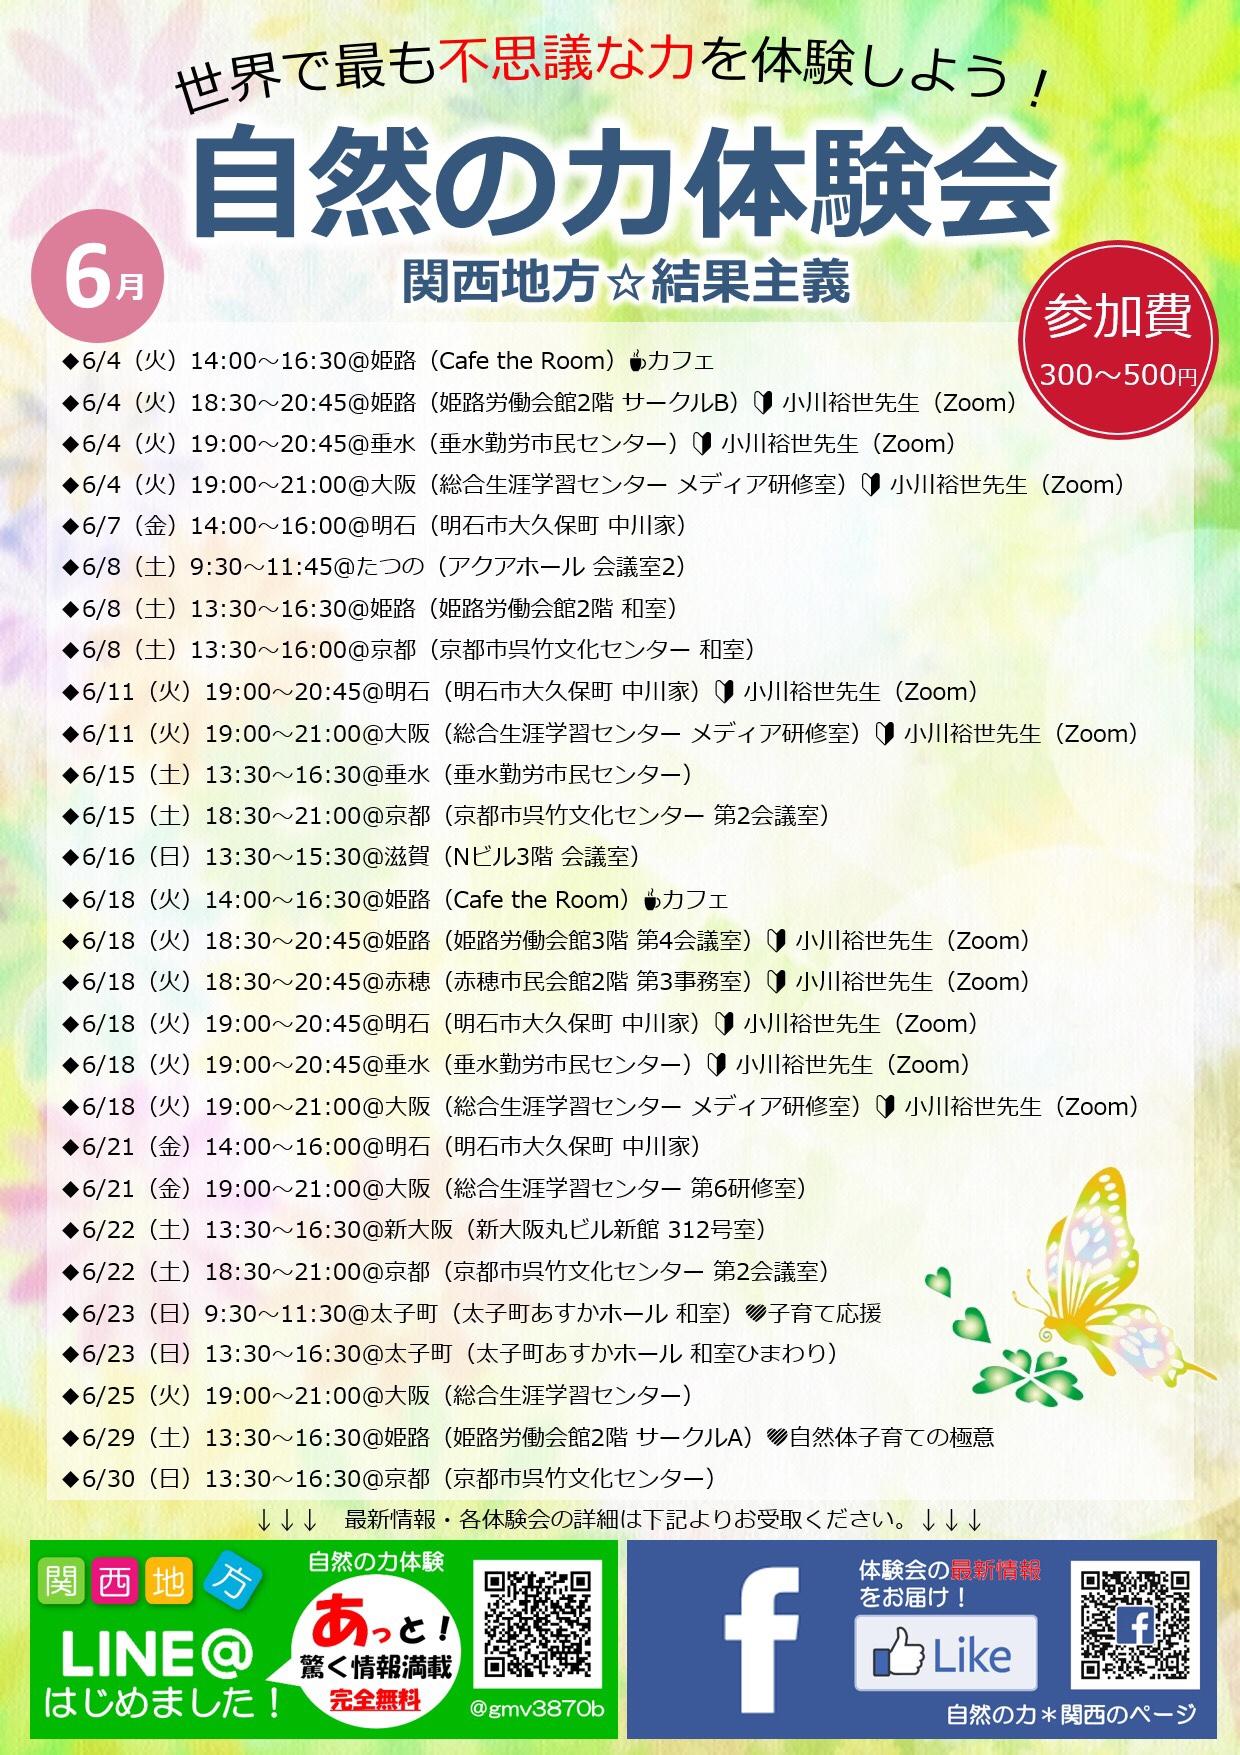 6月も大阪・京都に出没中!